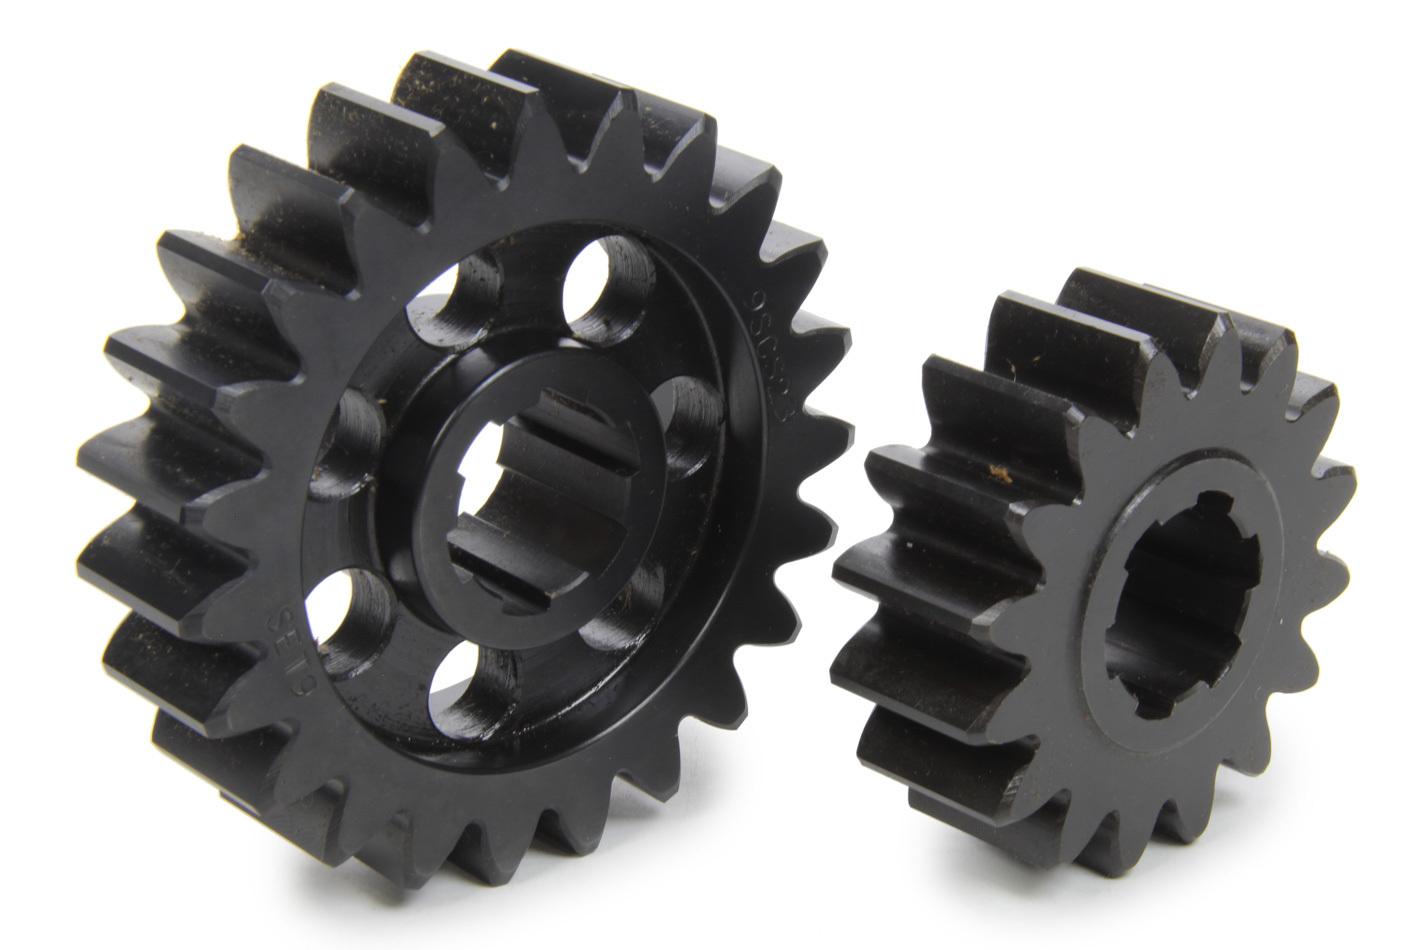 Scs Gears Quick Change Gear Set 6 Spline